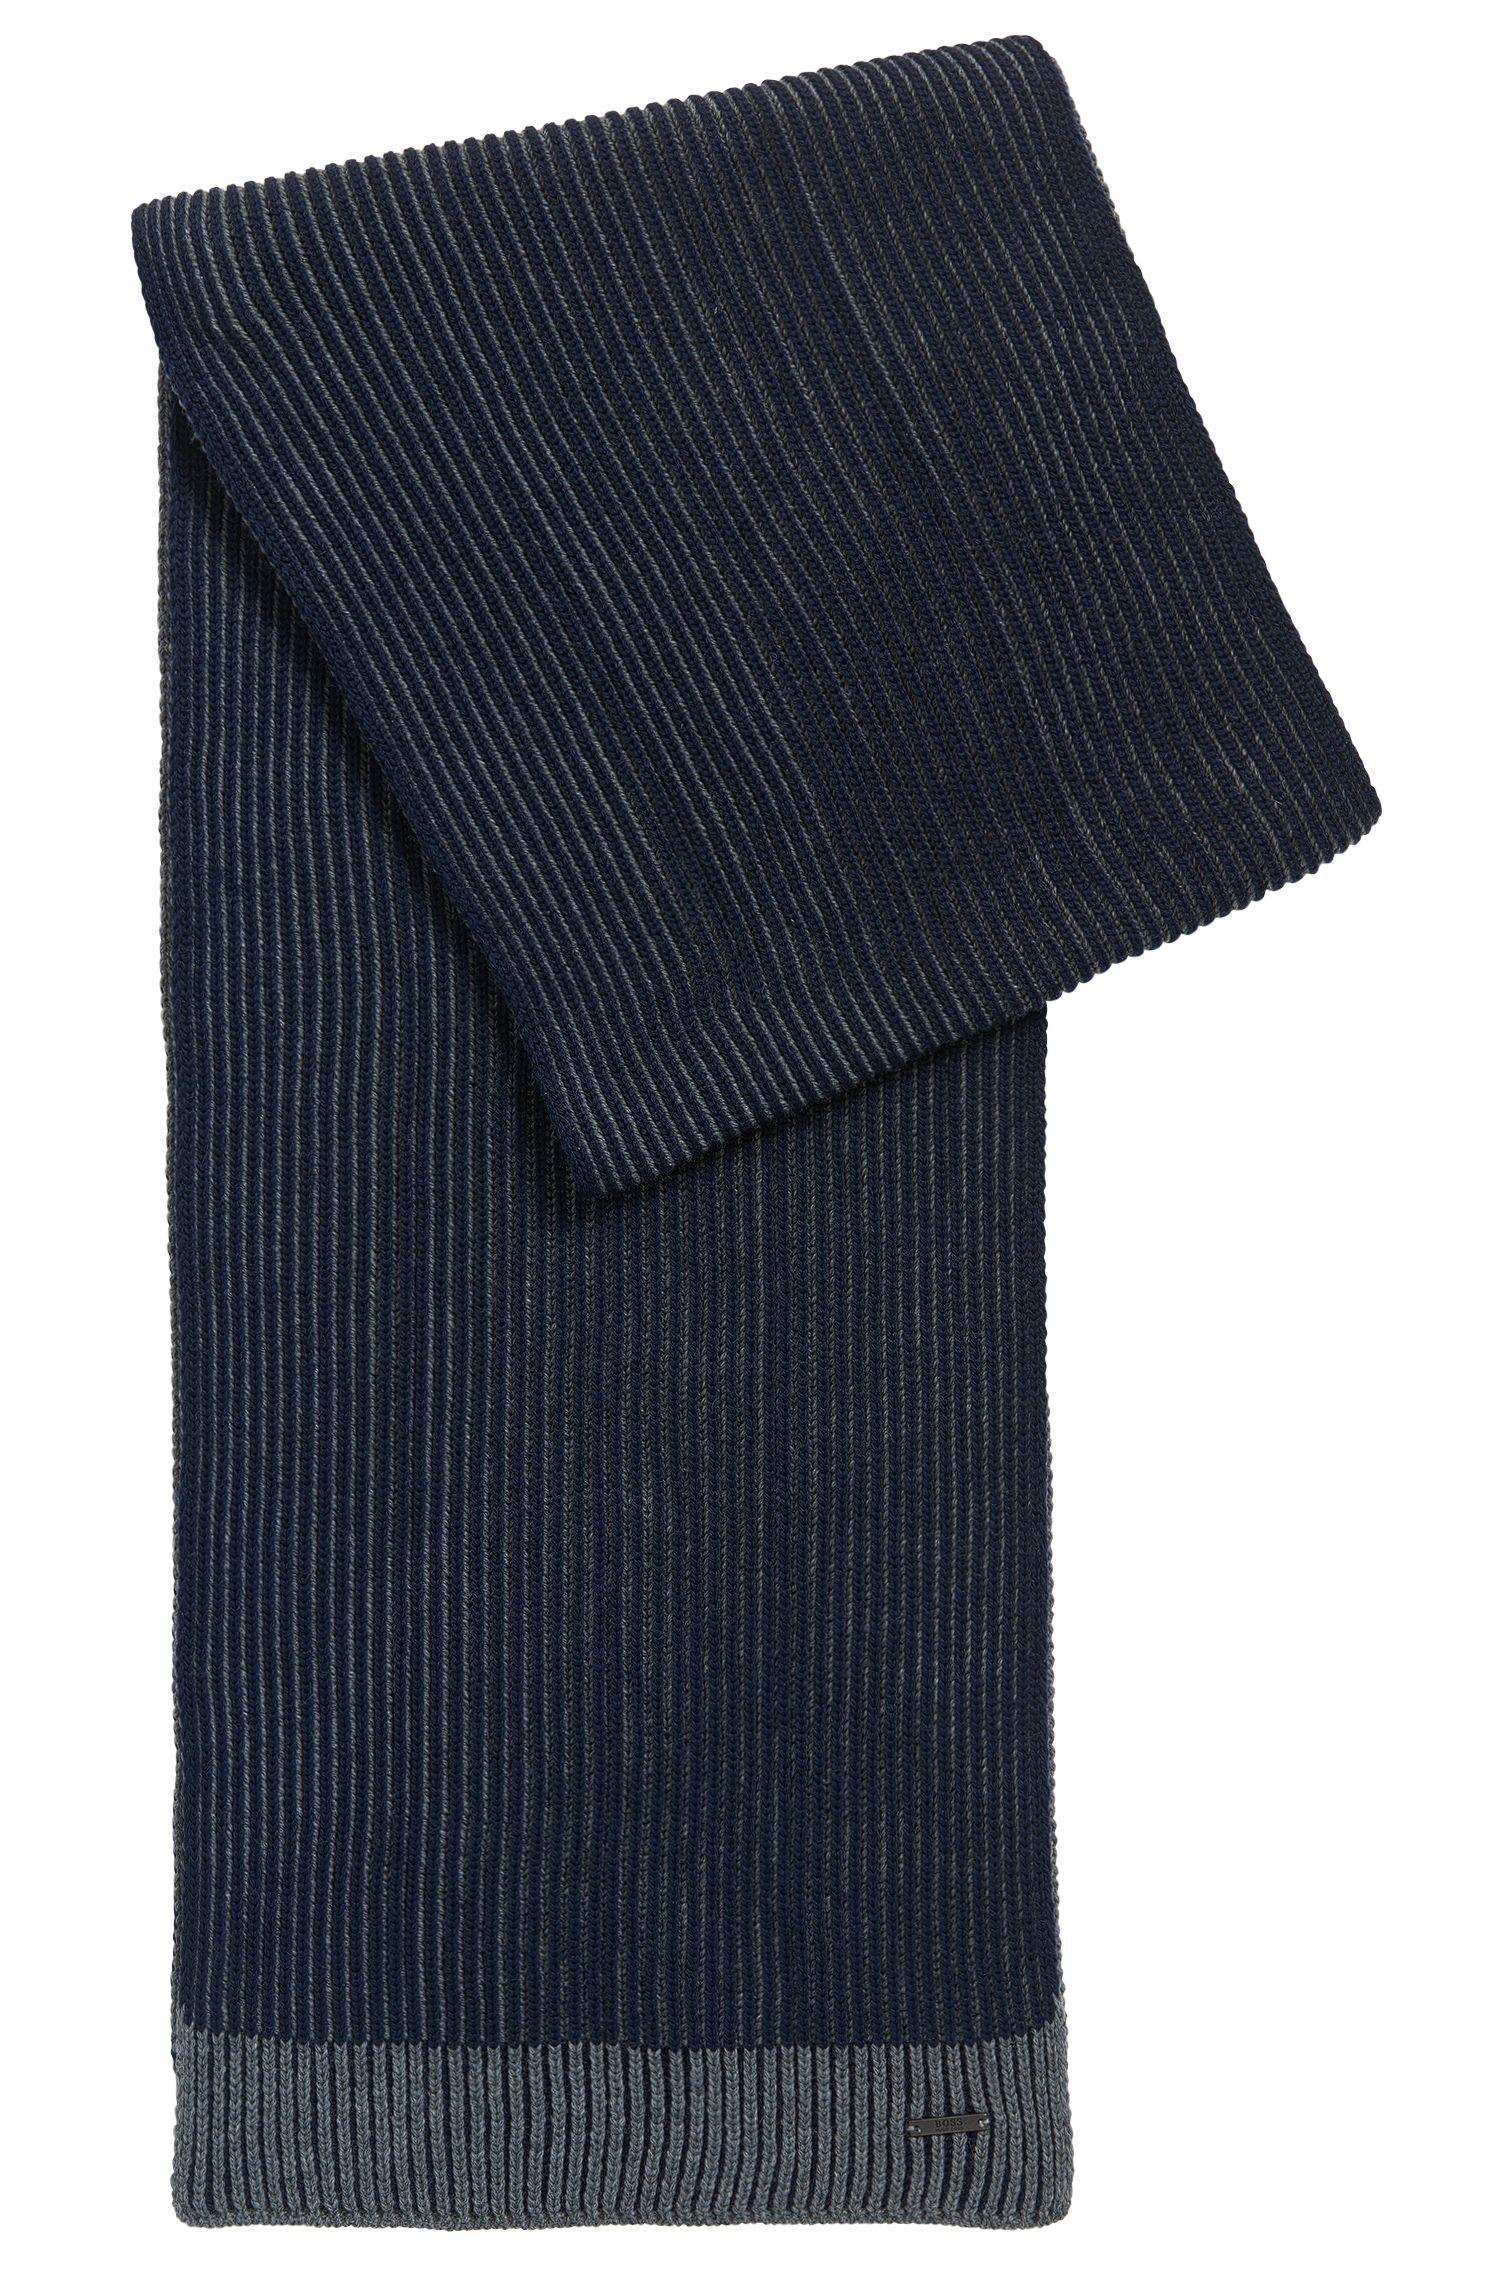 Geribde sjaal van scheerwol